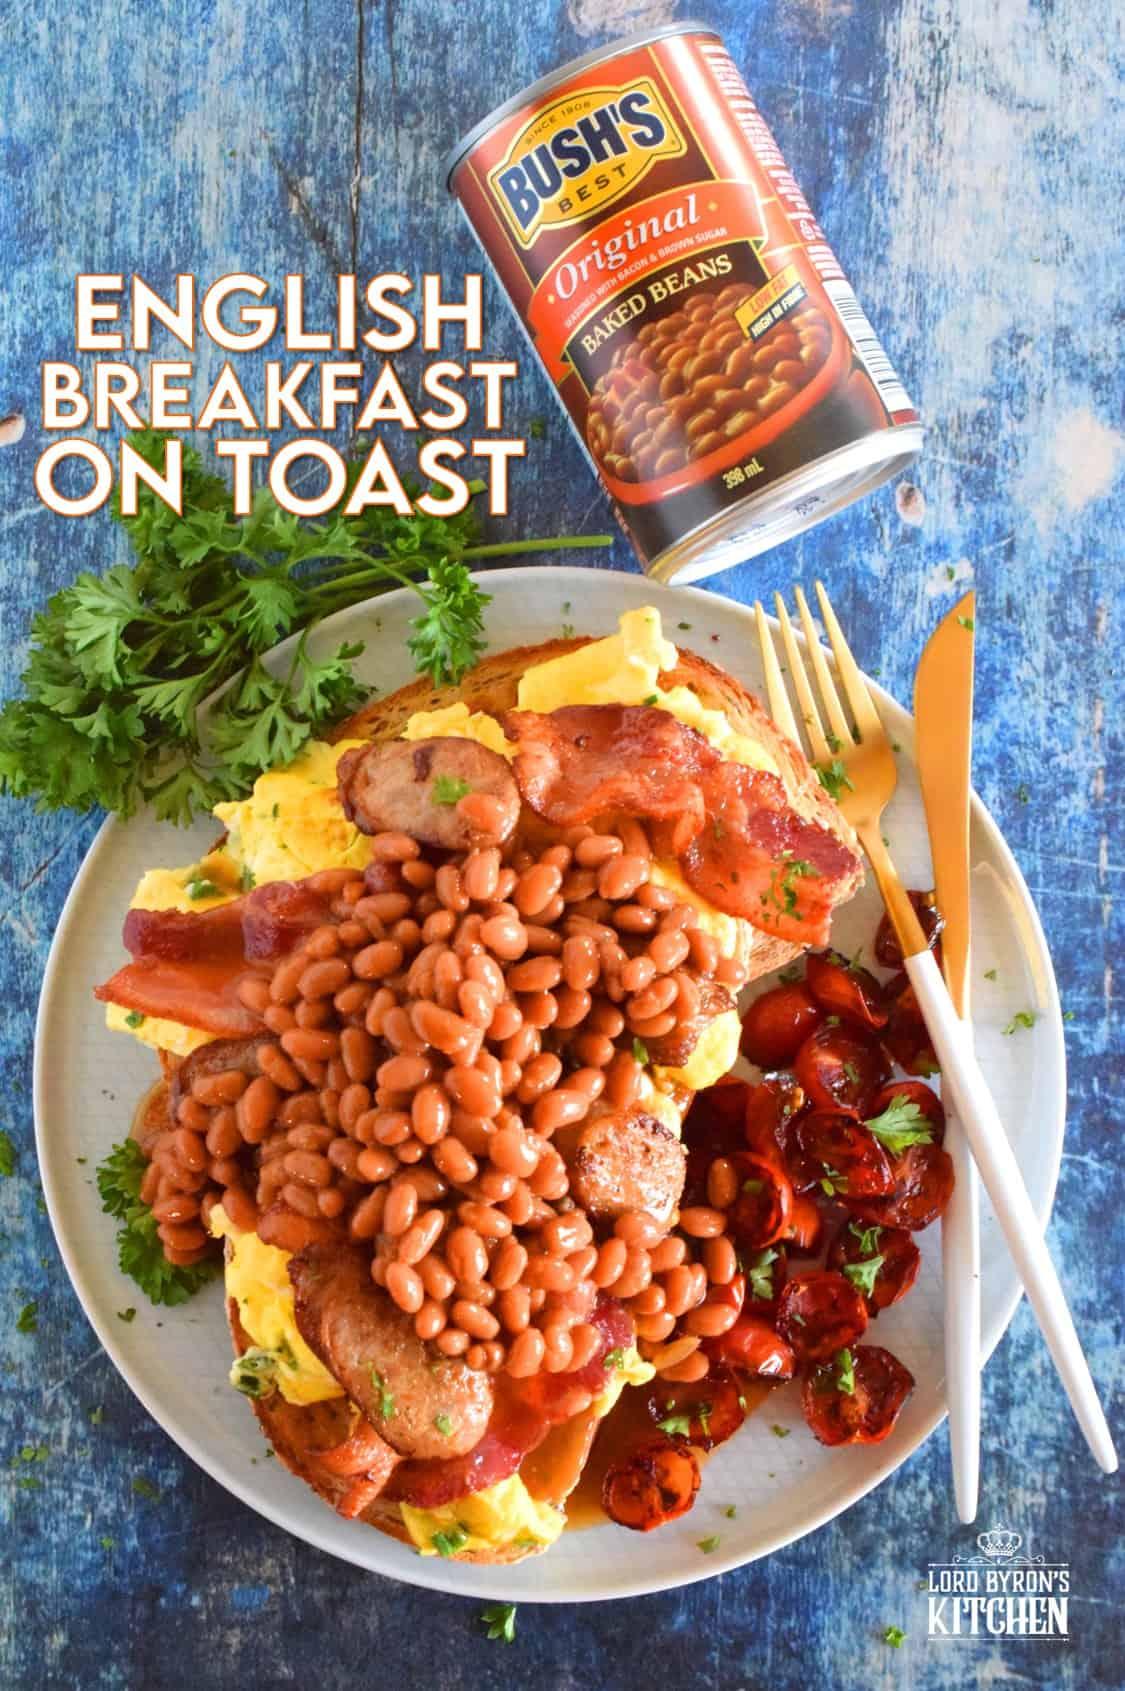 English Breakfast on Toast